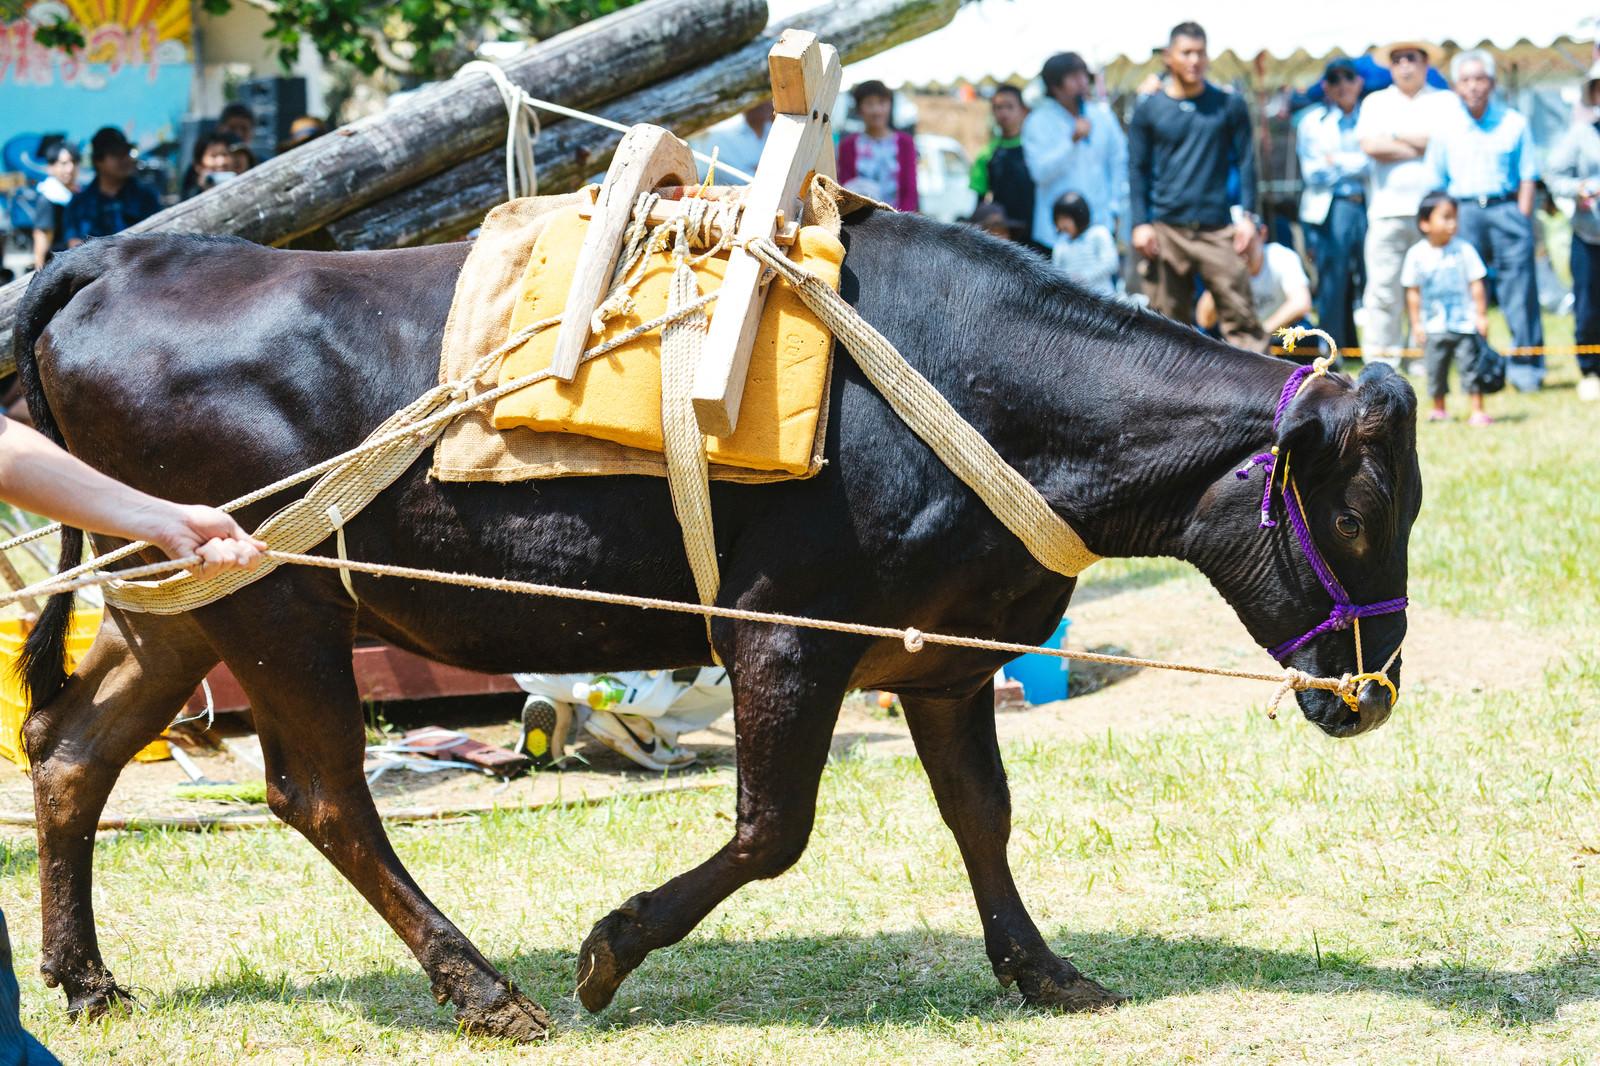 「牛の手綱を引いてサトウキビを搾る「サタグンマ」」の写真